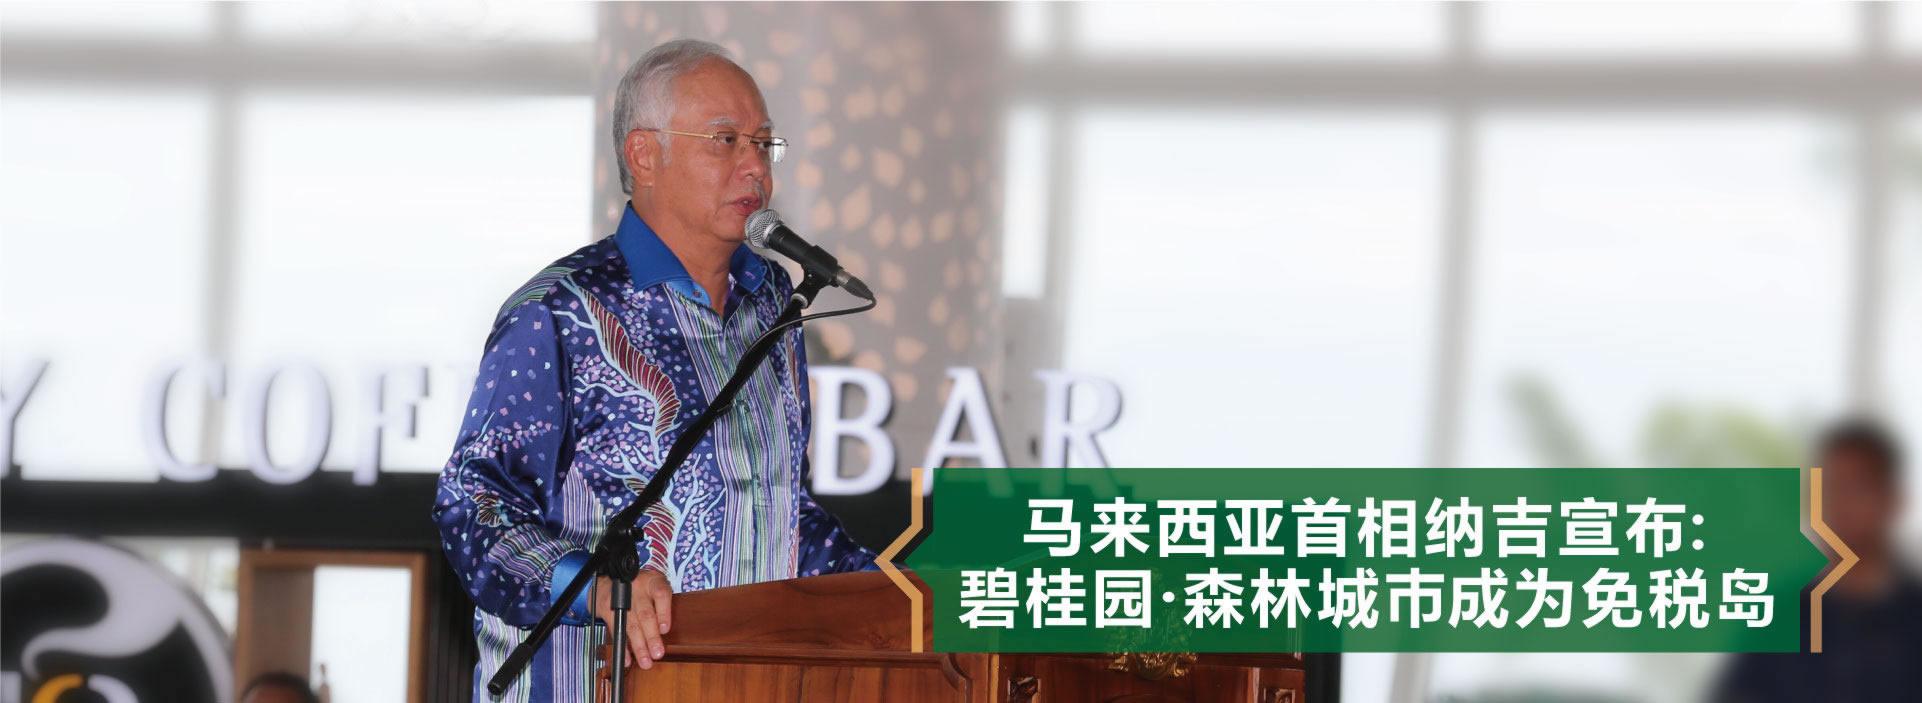 马来西亚首相纳吉宣布碧桂园森林城市为免税岛